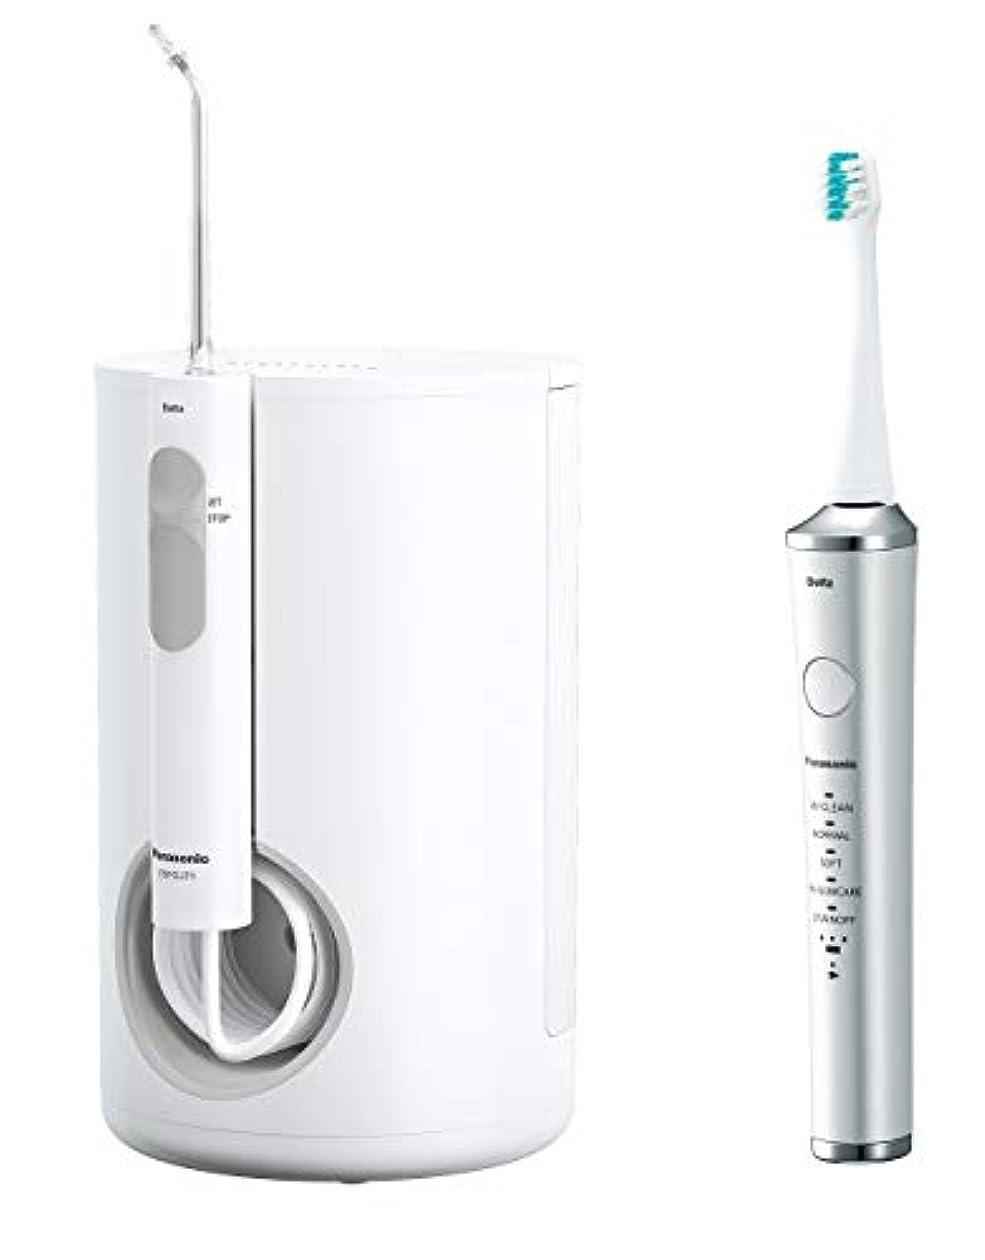 収束原稿スキッパーパナソニック 口腔洗浄器 ジェットウォッシャー ドルツ 白 EW-DJ71-W + 電動歯ブラシ ドルツ セット